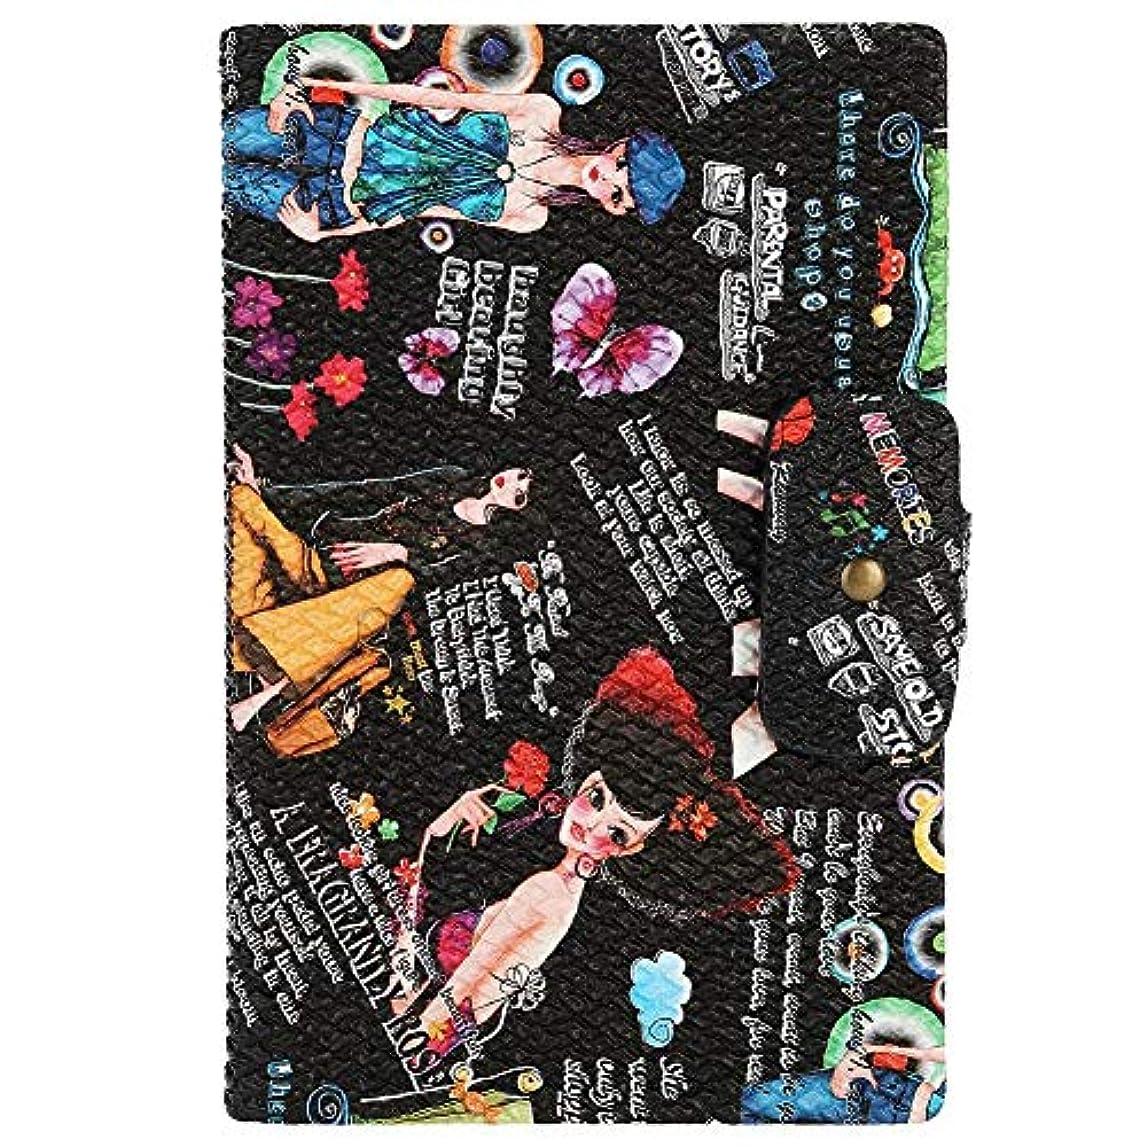 口申し込むバズネイルアートディスプレイスタンド 160色表示 プラスチック板 ネイルポリッシュカラー ディスプレイ サロン アクセサリー(02)